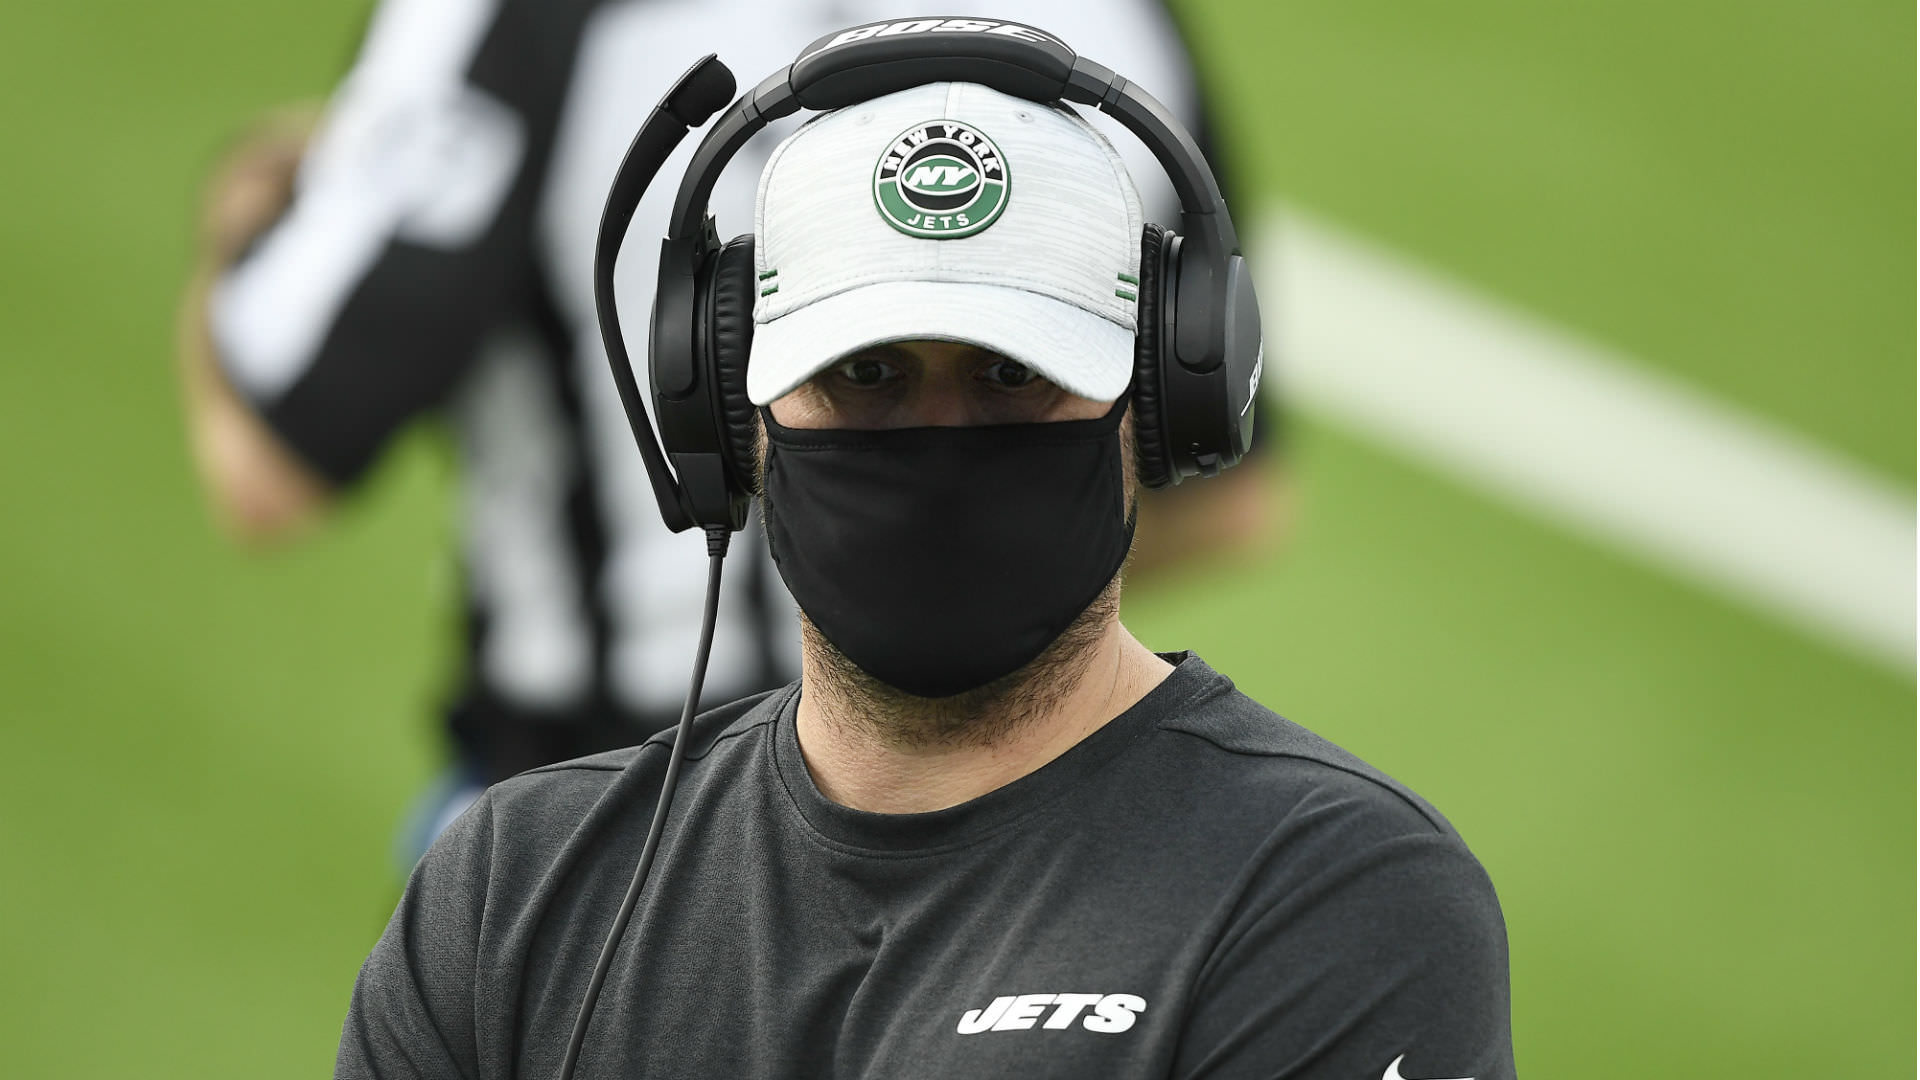 Os fãs da NFL reagem aos Jets que ficam sem carga, lançando oito no TD vencedor do jogo de Raiders